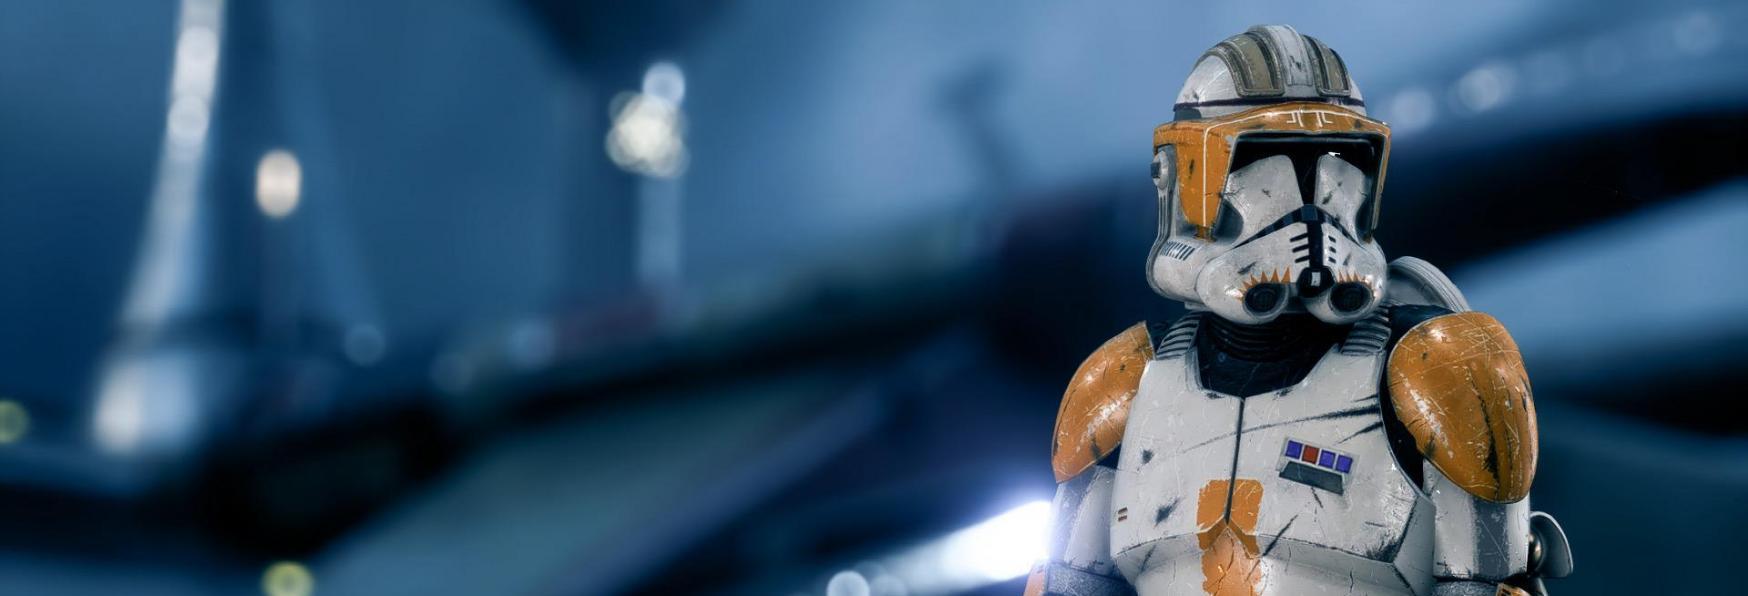 Il Comandante Cody comparirà nella Serie TV su Obi-Wan Kenobi?